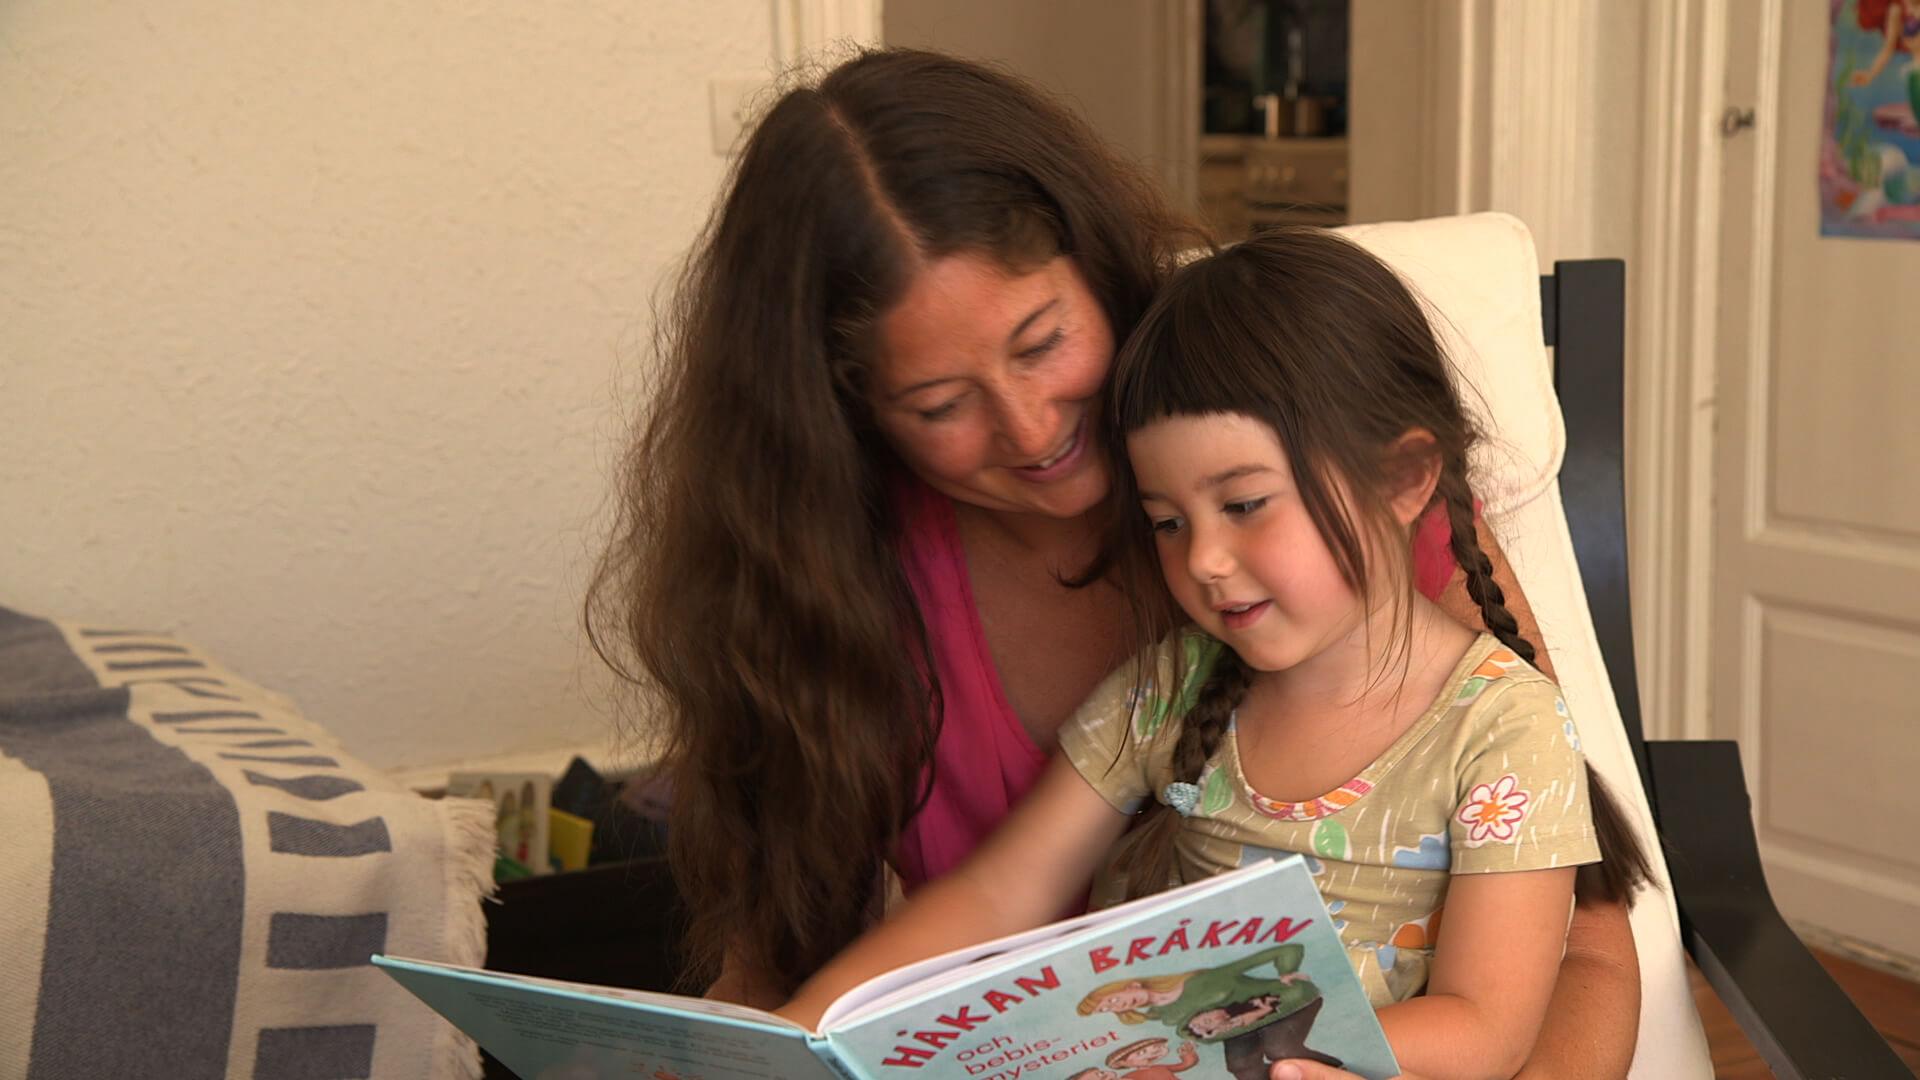 Lästips om dyslexi och språkutveckling